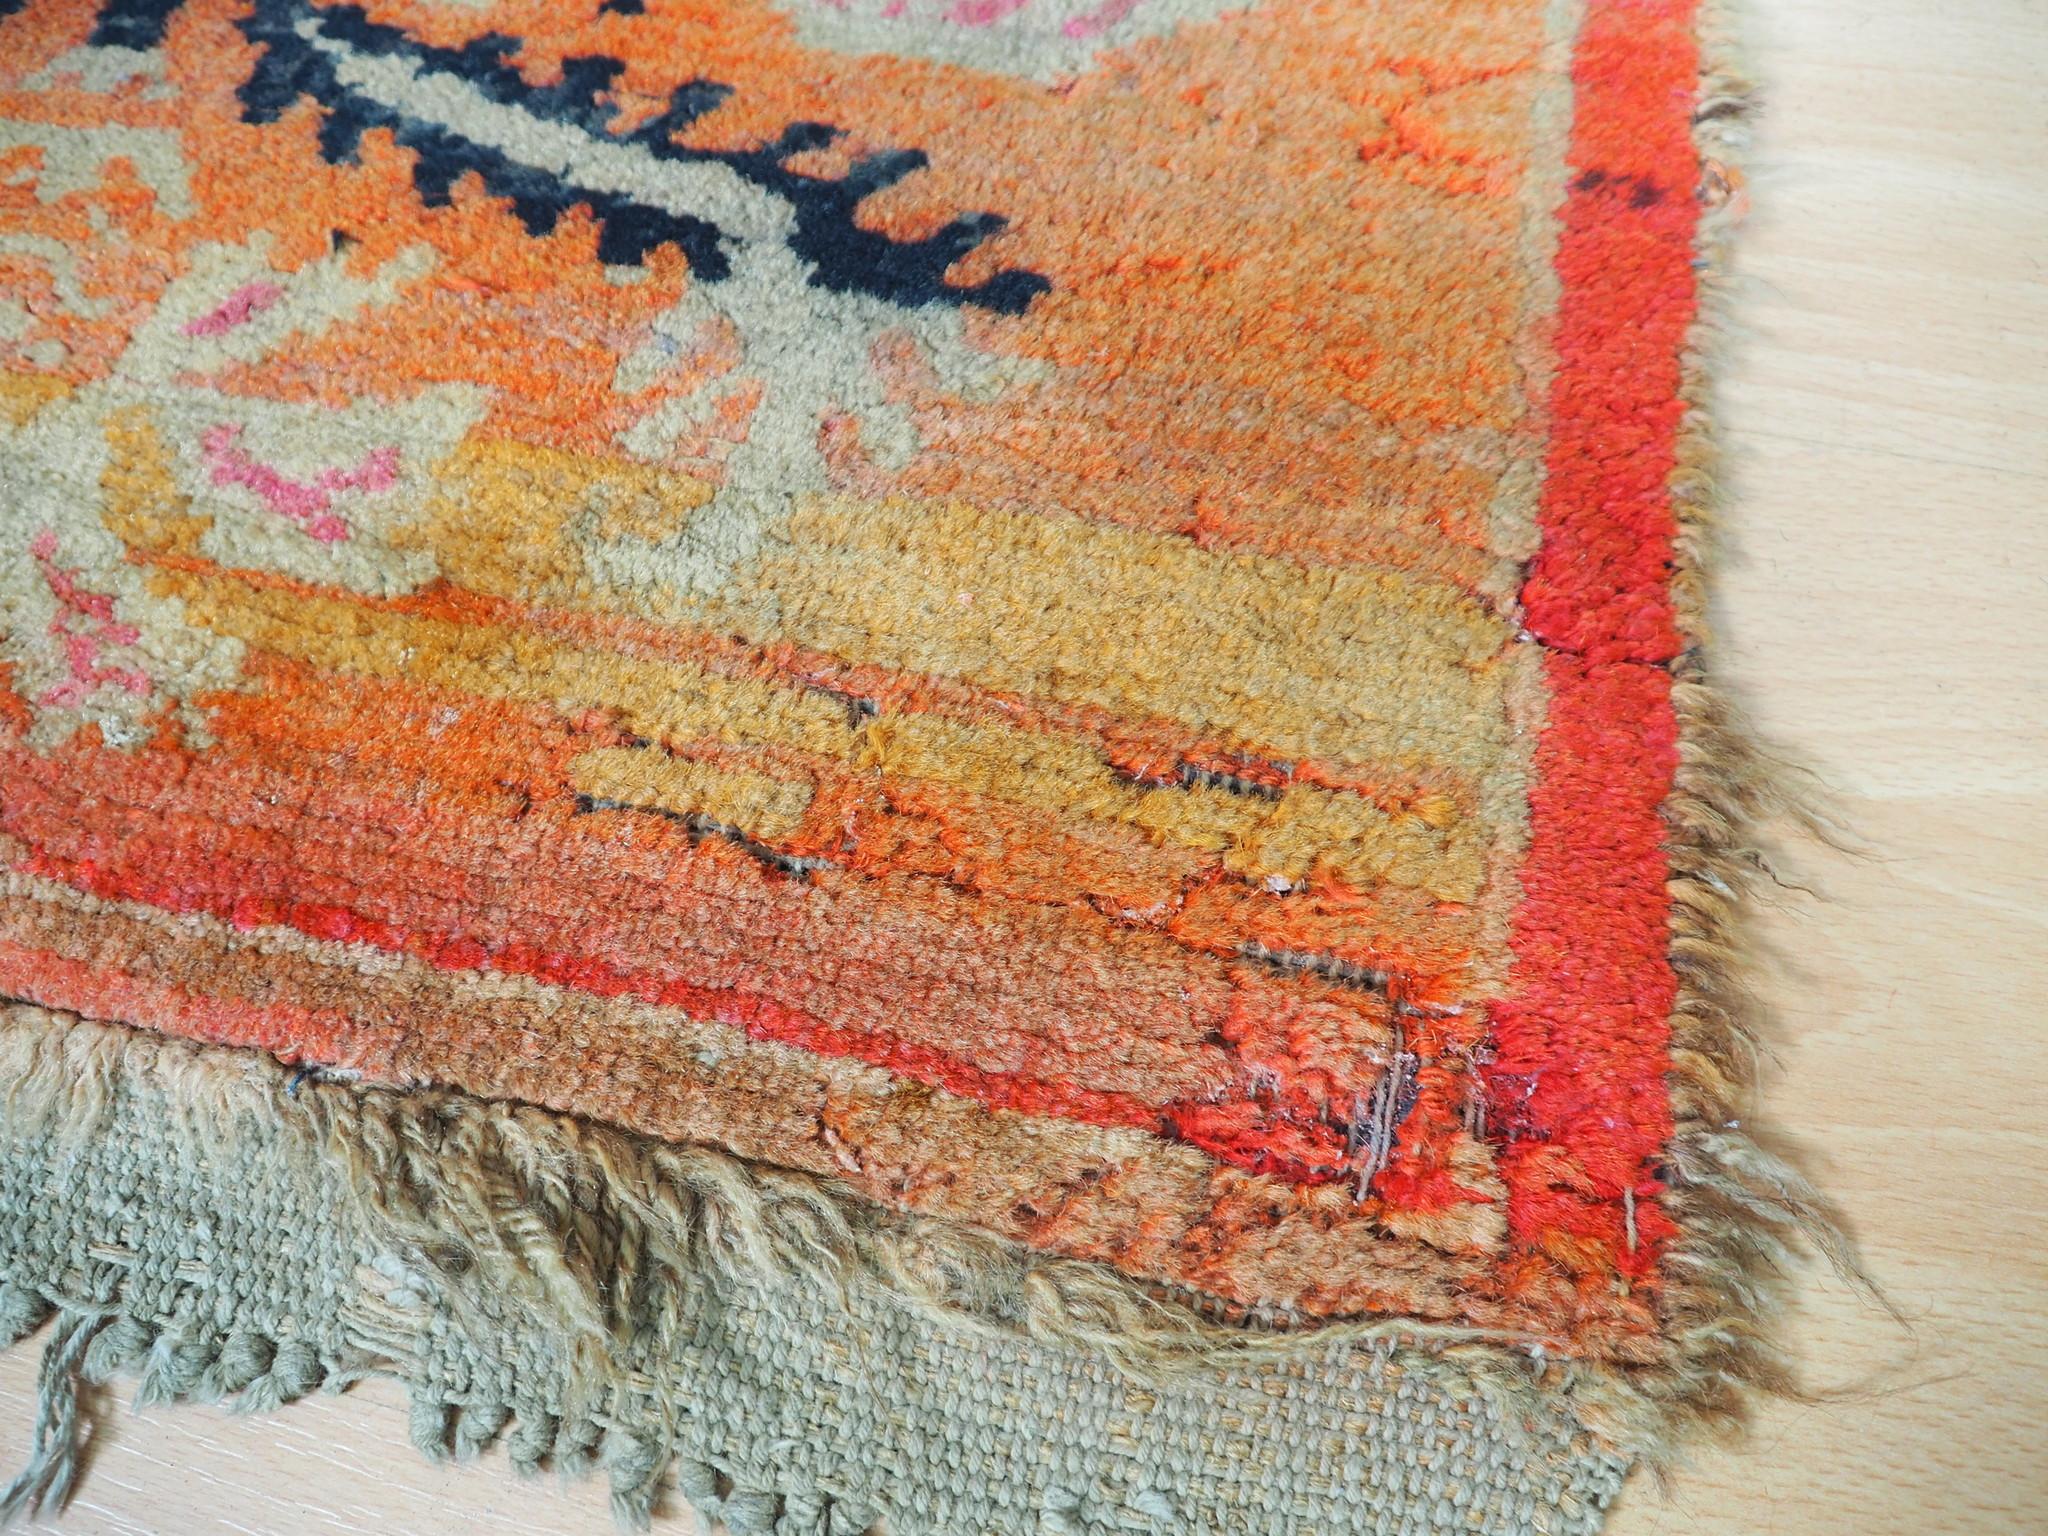 240x64 cm antik Tibetischer Khaden Yoga Meditation Dorfteppich buddhistische Klöster gebetsteppich Teppich Schlafteppich Nr.23